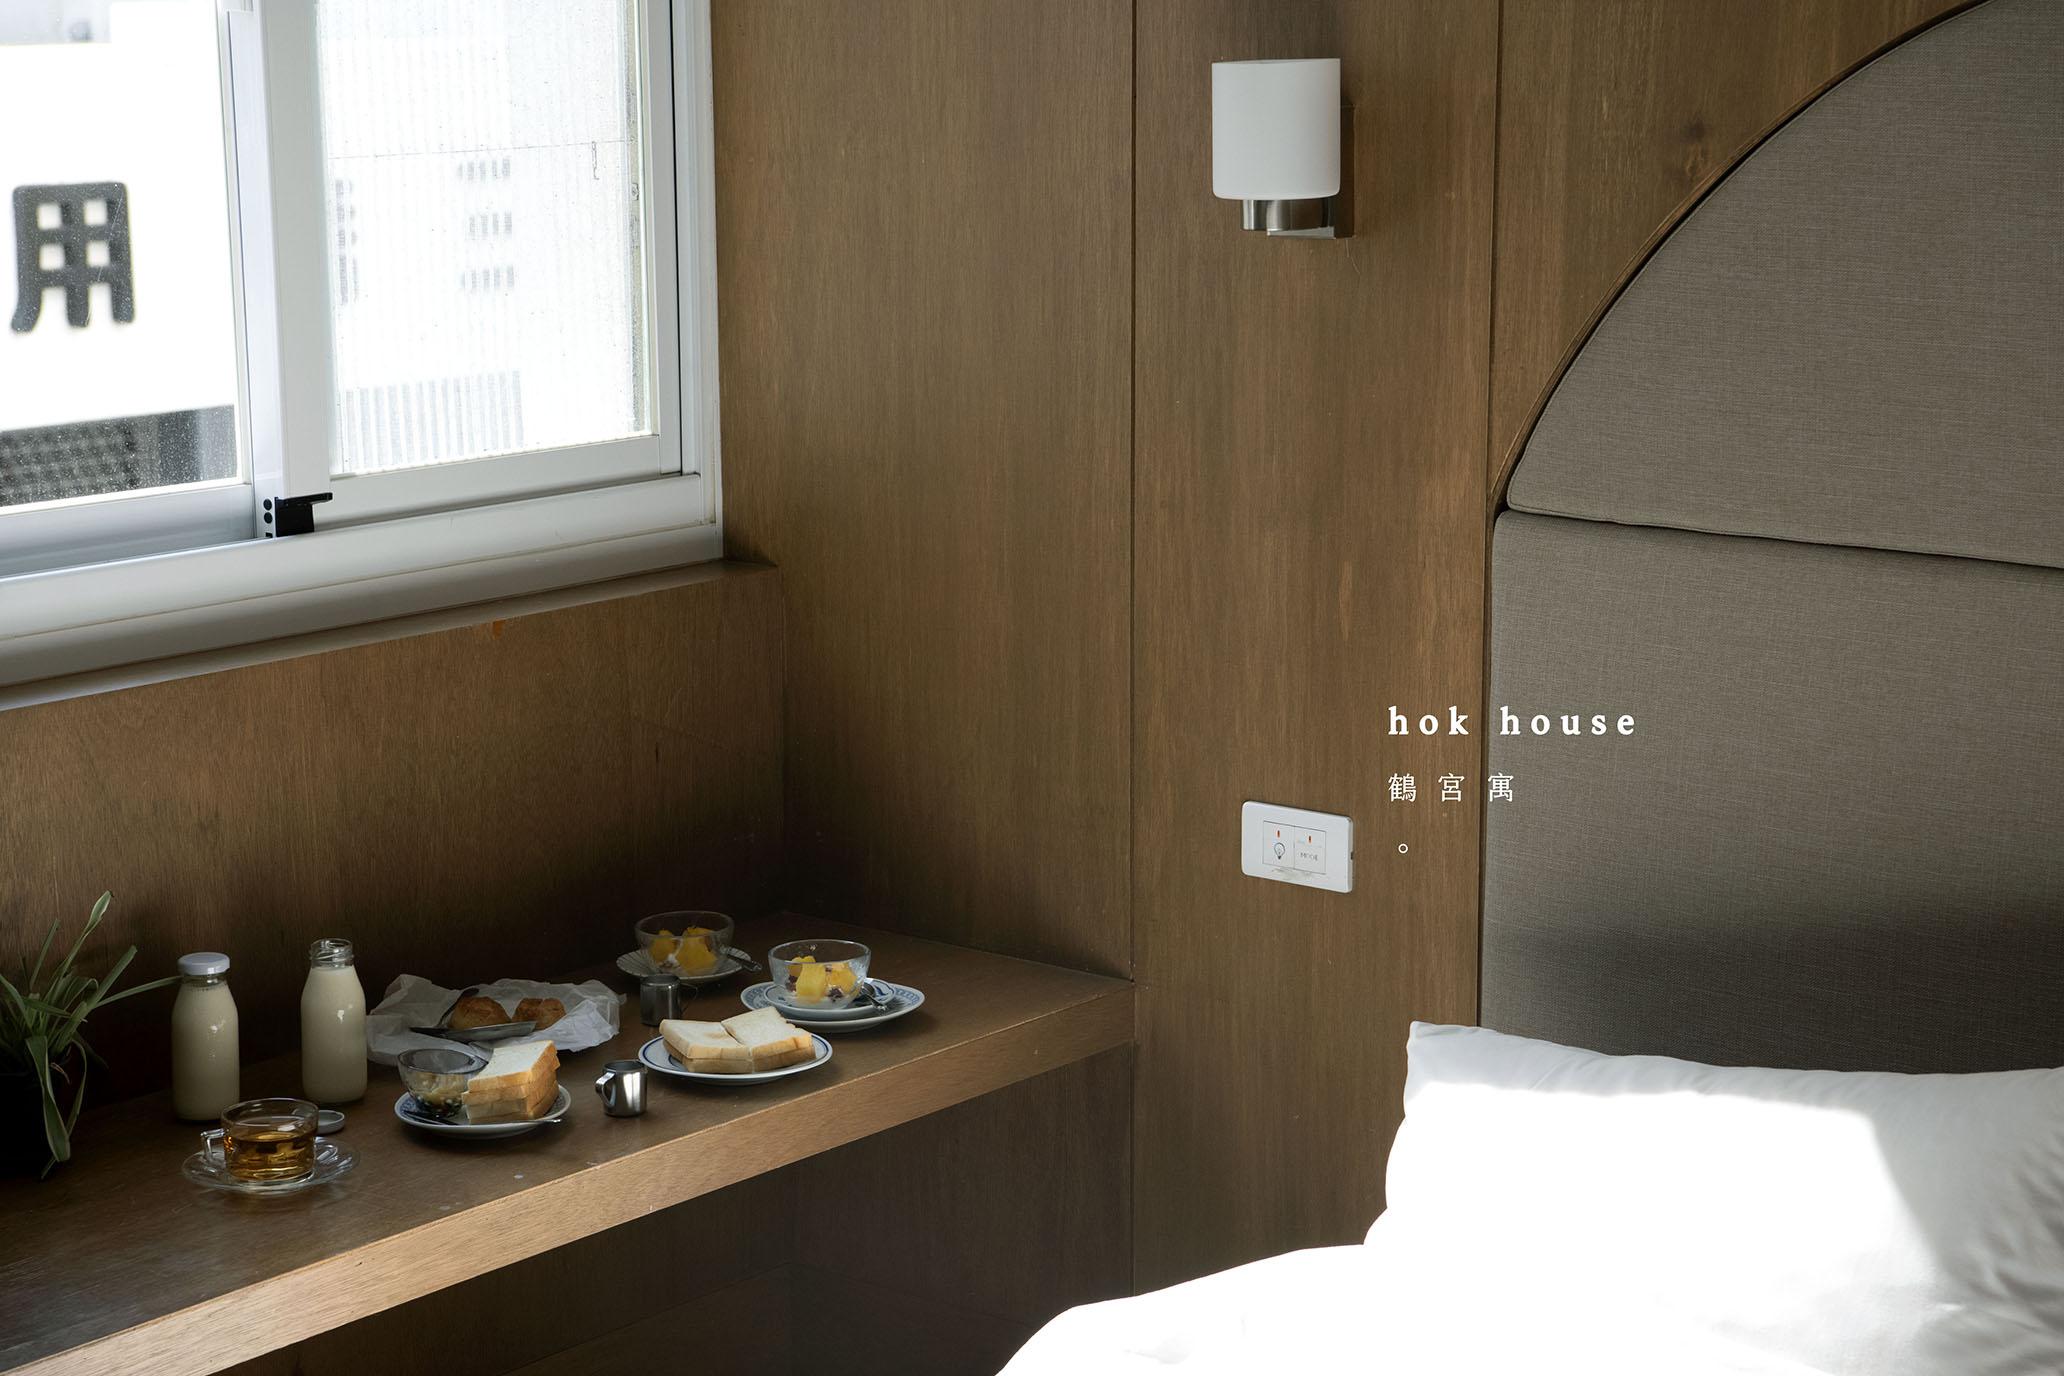 網站近期文章:關於高雄,還有想起常日的人情棲所|鶴宮寓